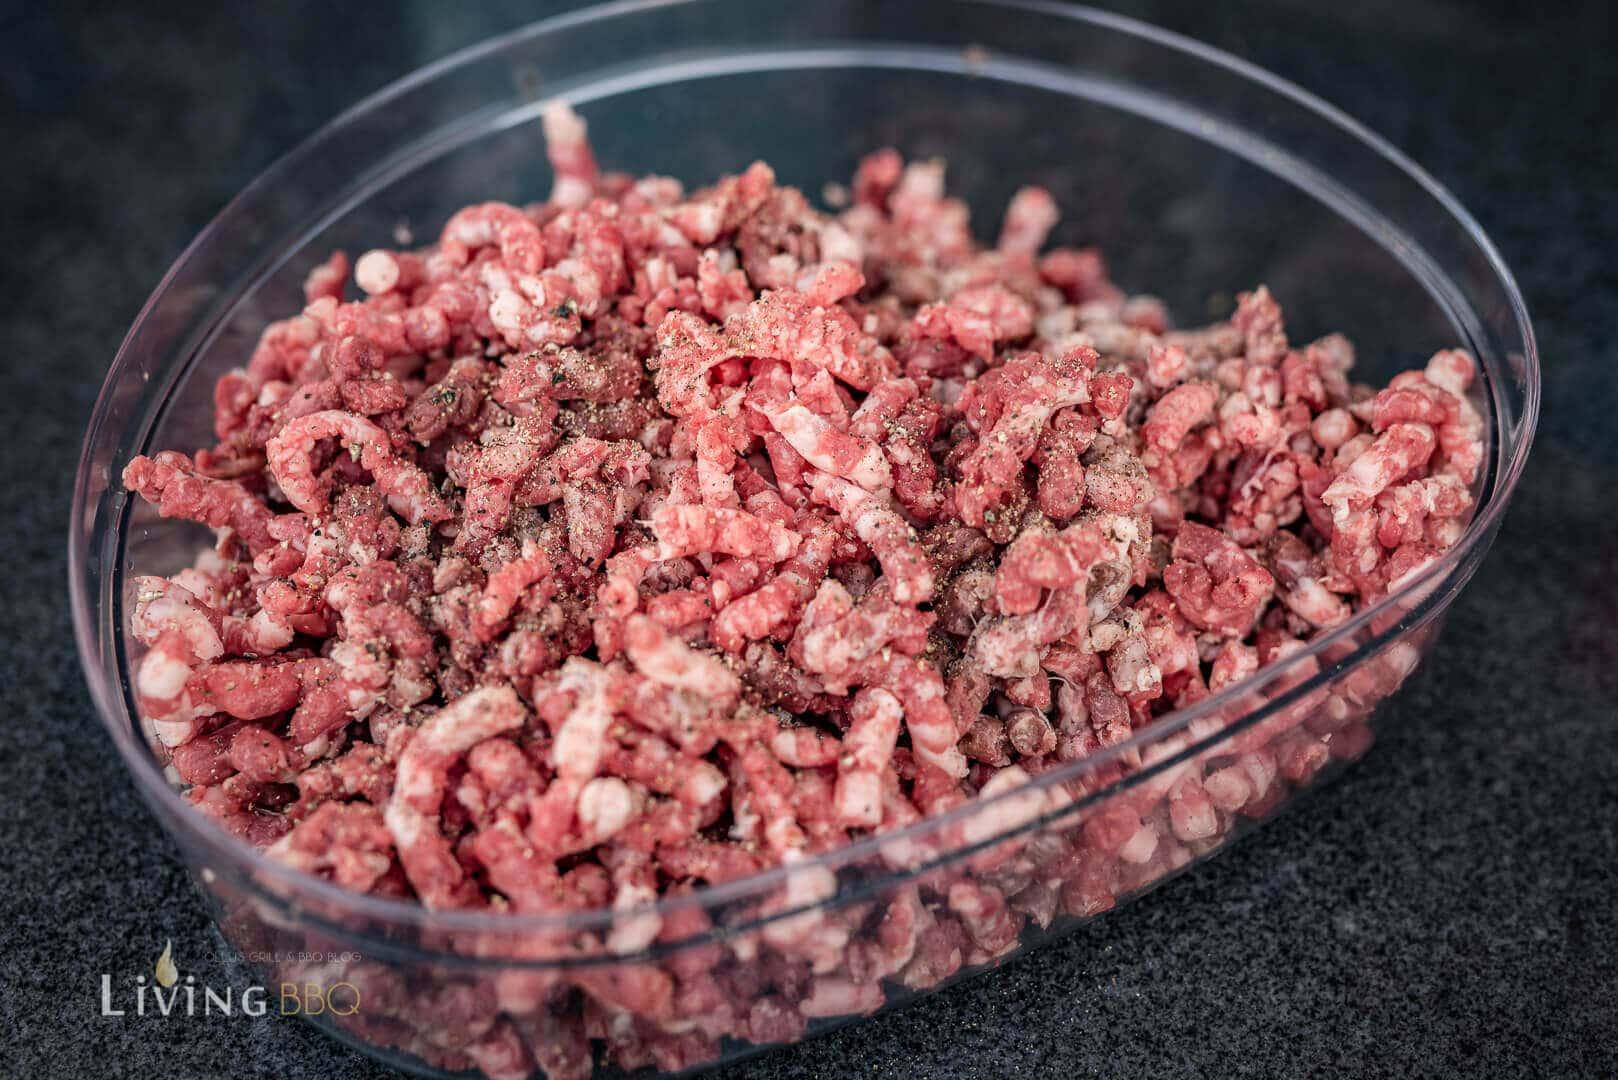 Rindfleisch für Zwetschgenburger _Zwetschgen Burger 4 von 12